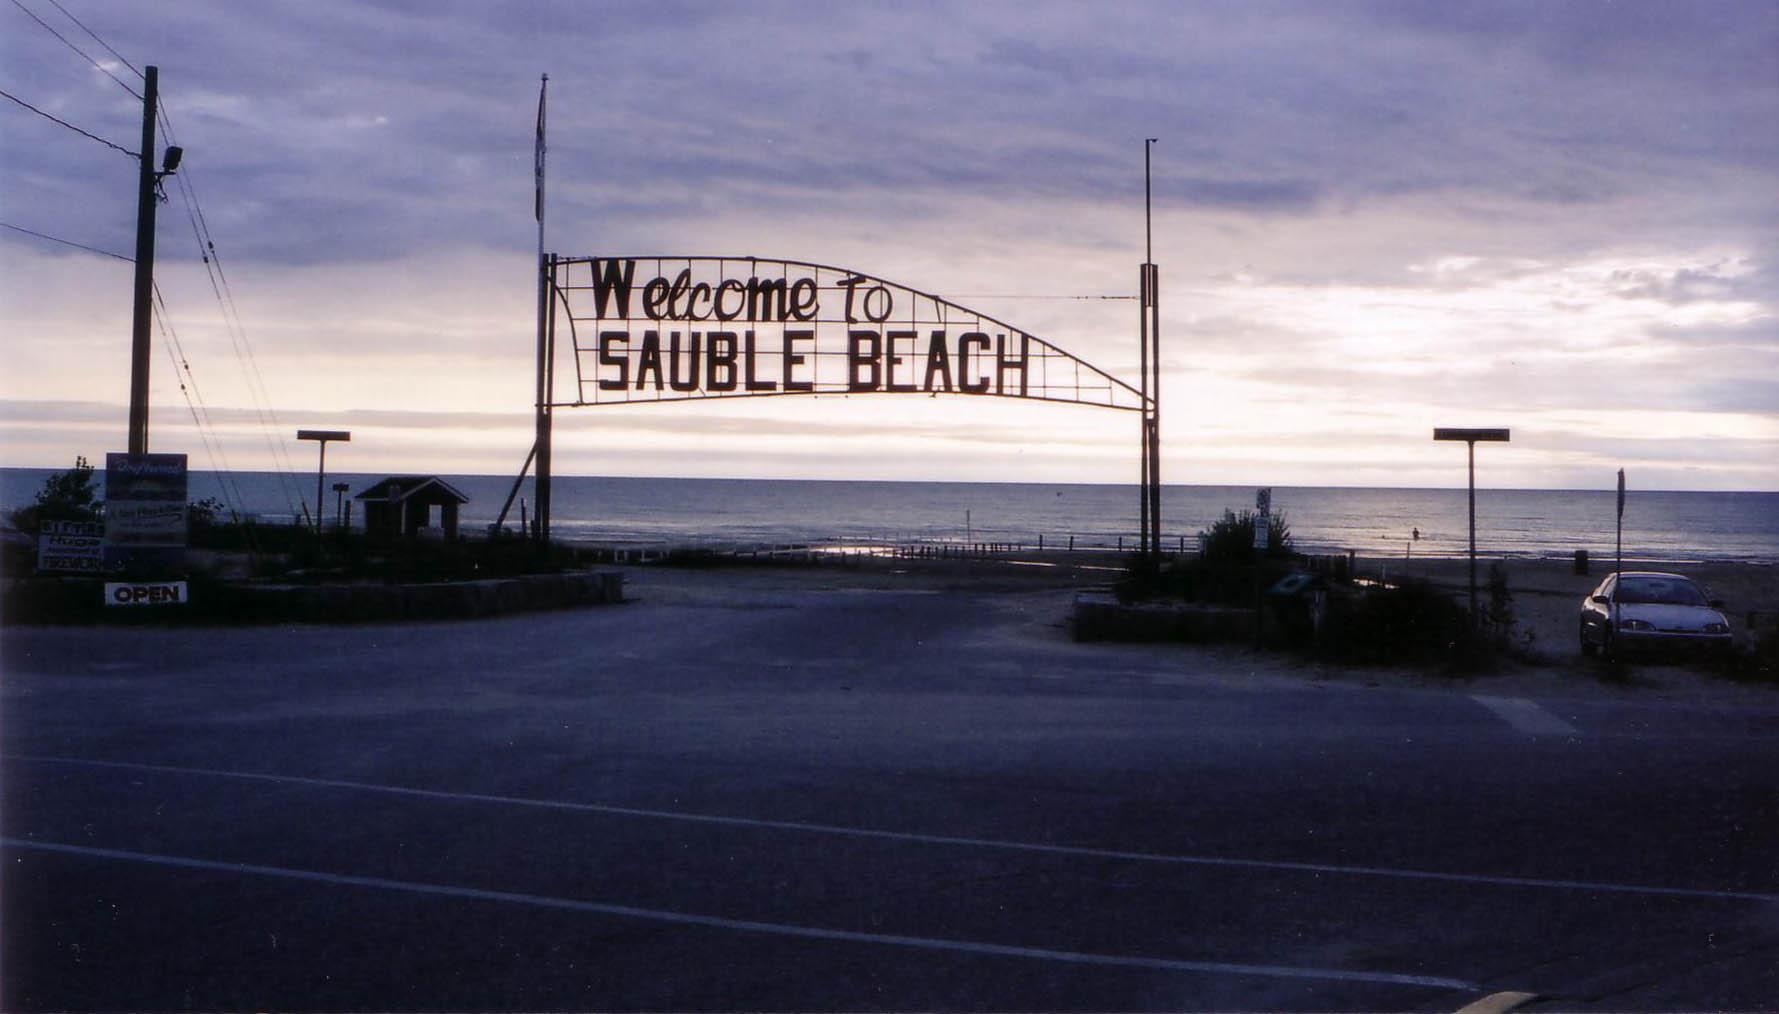 welcom to the jungle...er...beach